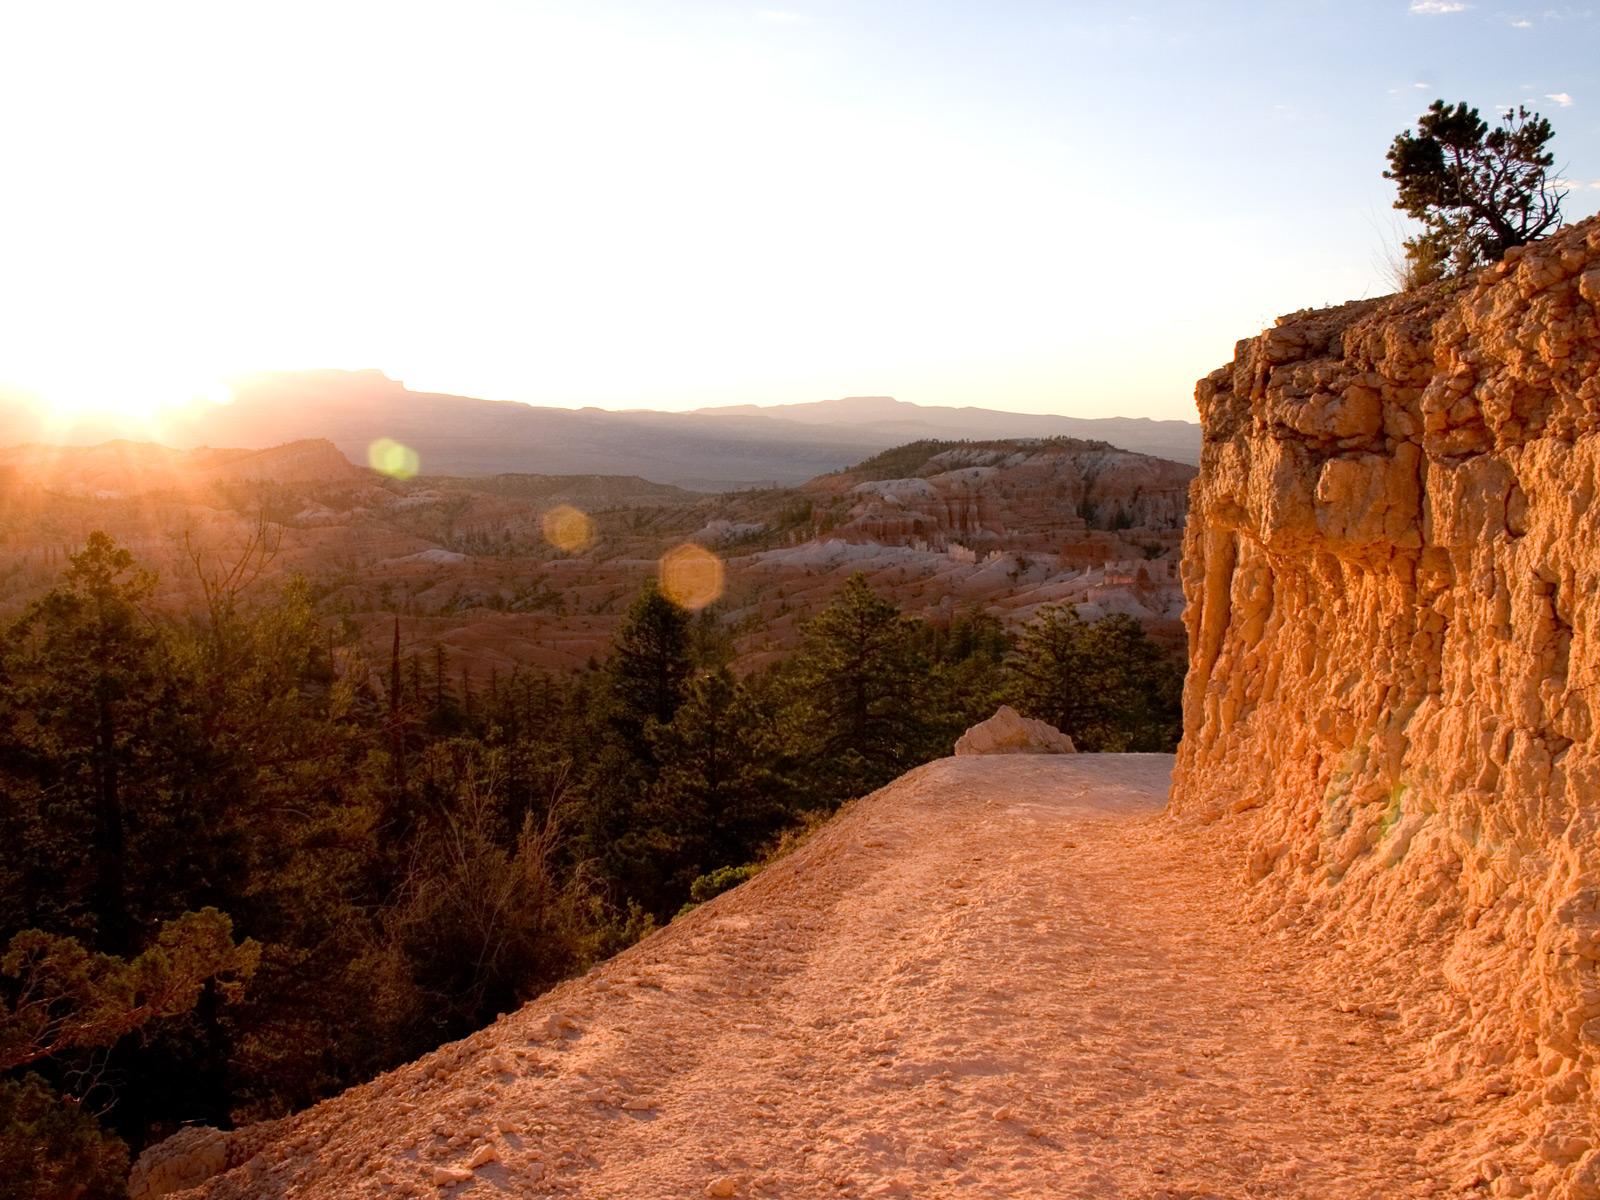 desert landscape wallpaper - photo #9